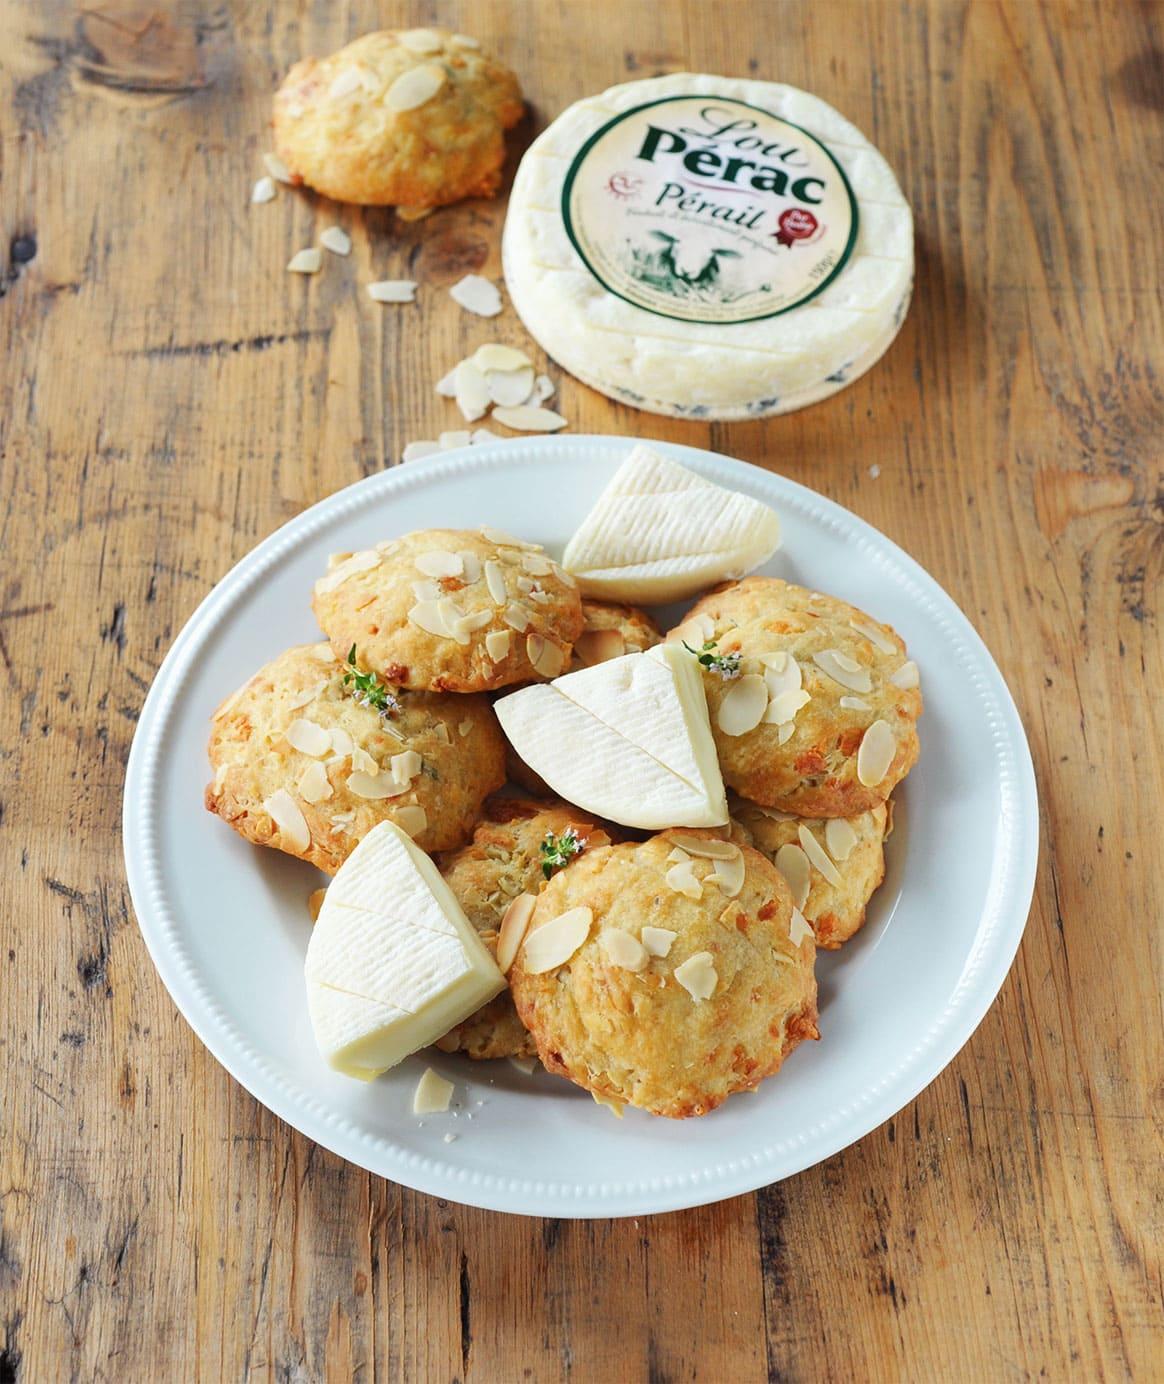 Cookies au Pérail Lou Pérac au thym et aux amandes